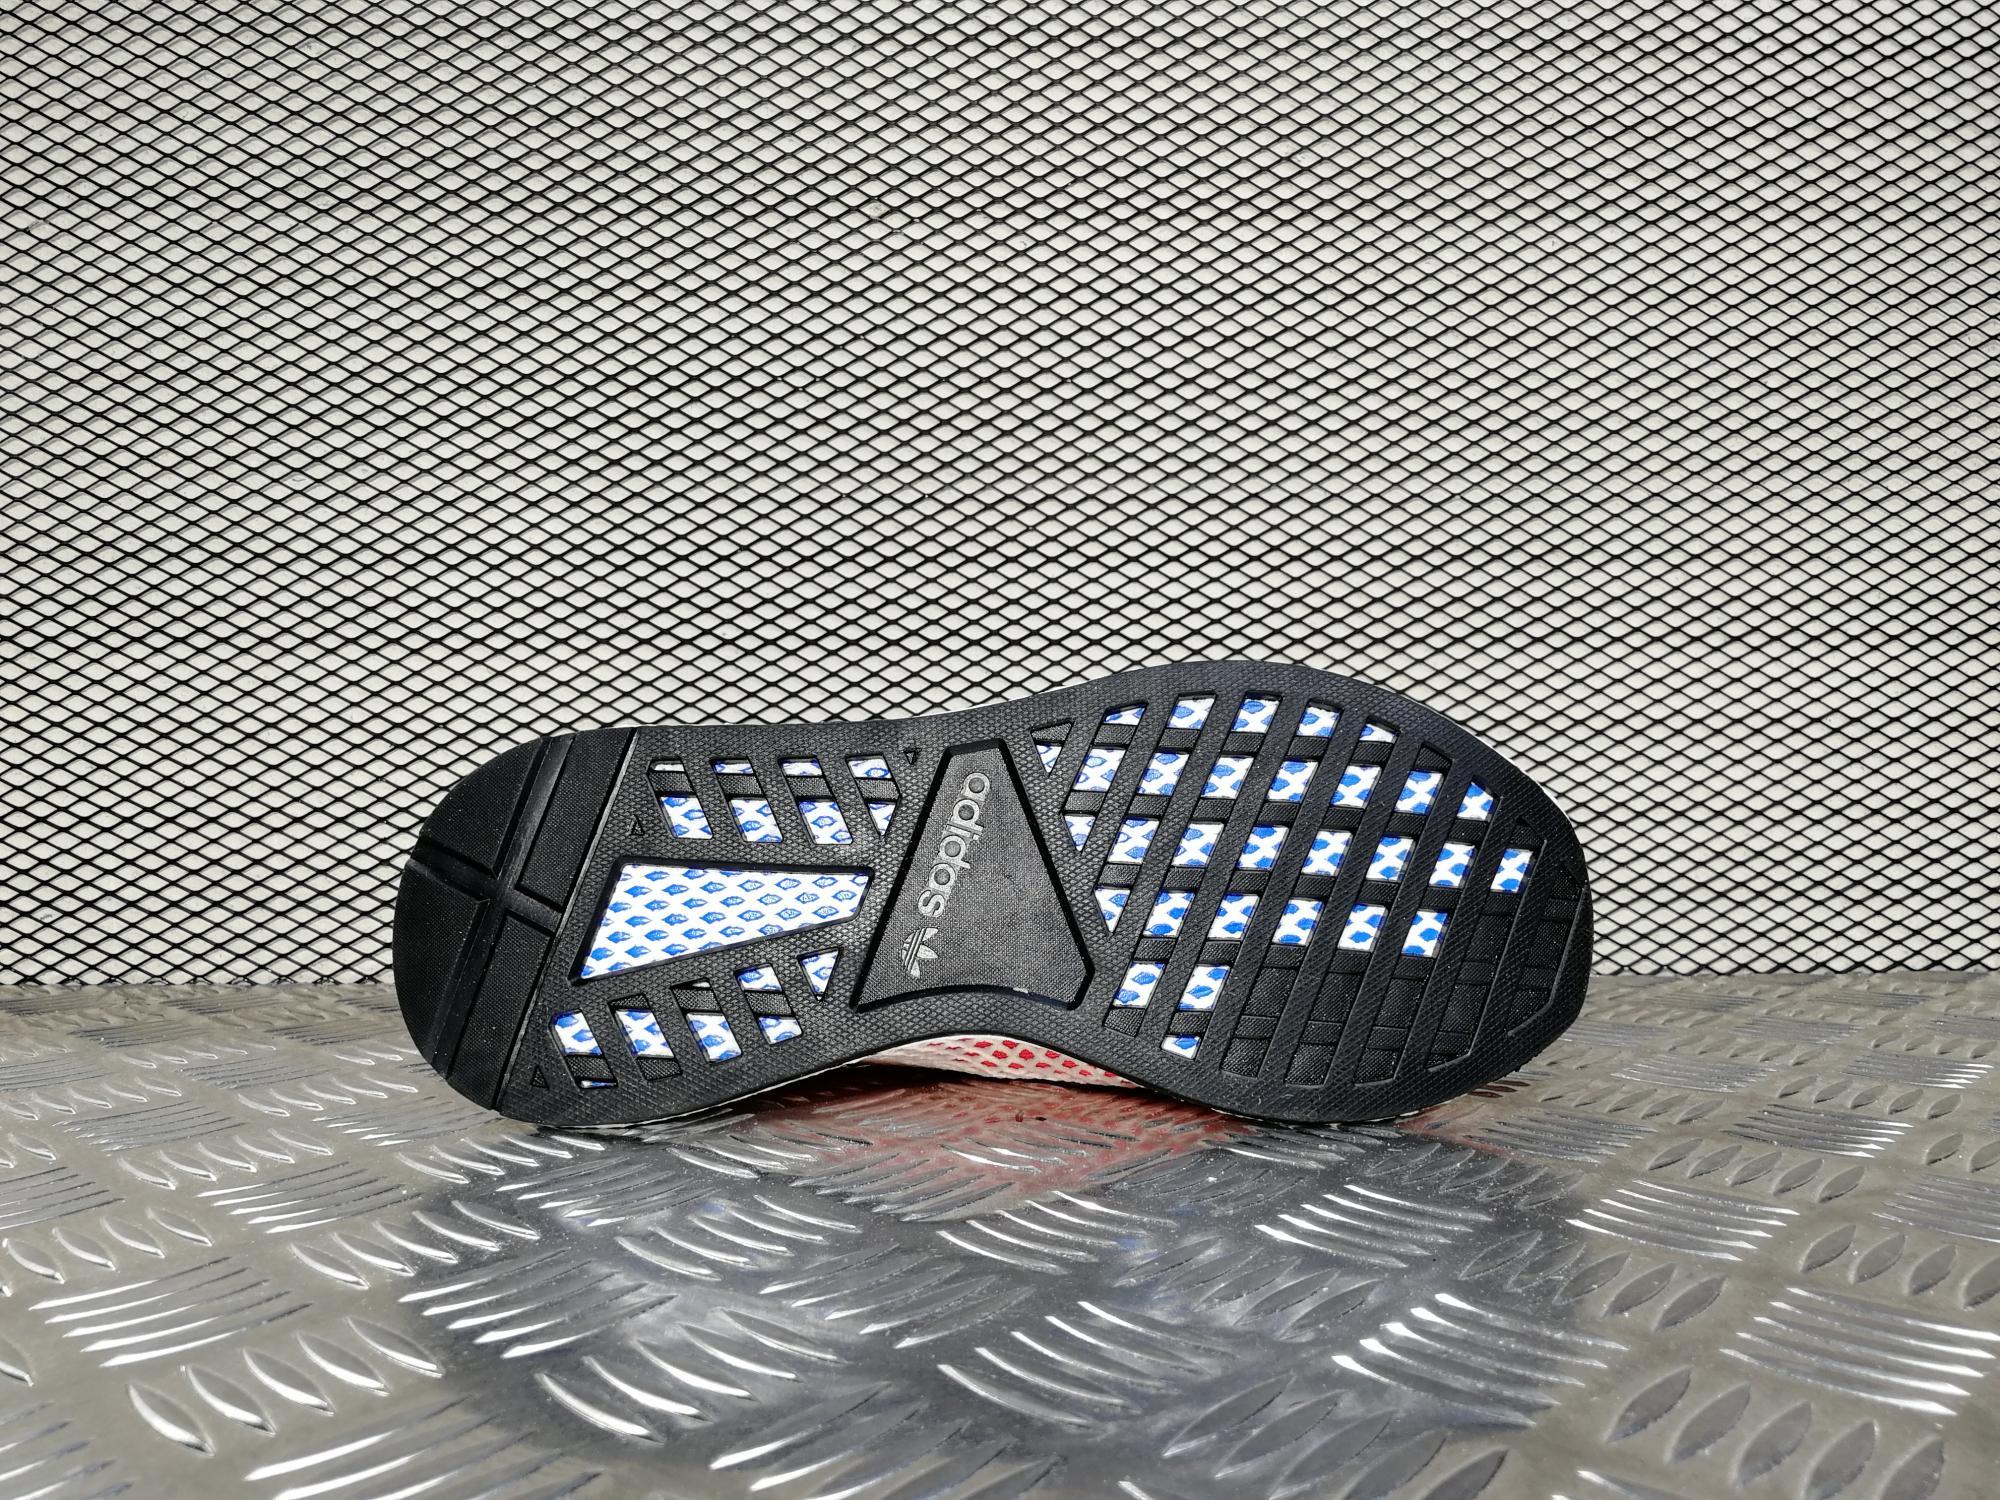 e51869d9e9b5 Купить мужские кроссовки Adidas Deerupt Runner Solar Red   Bluebird ...